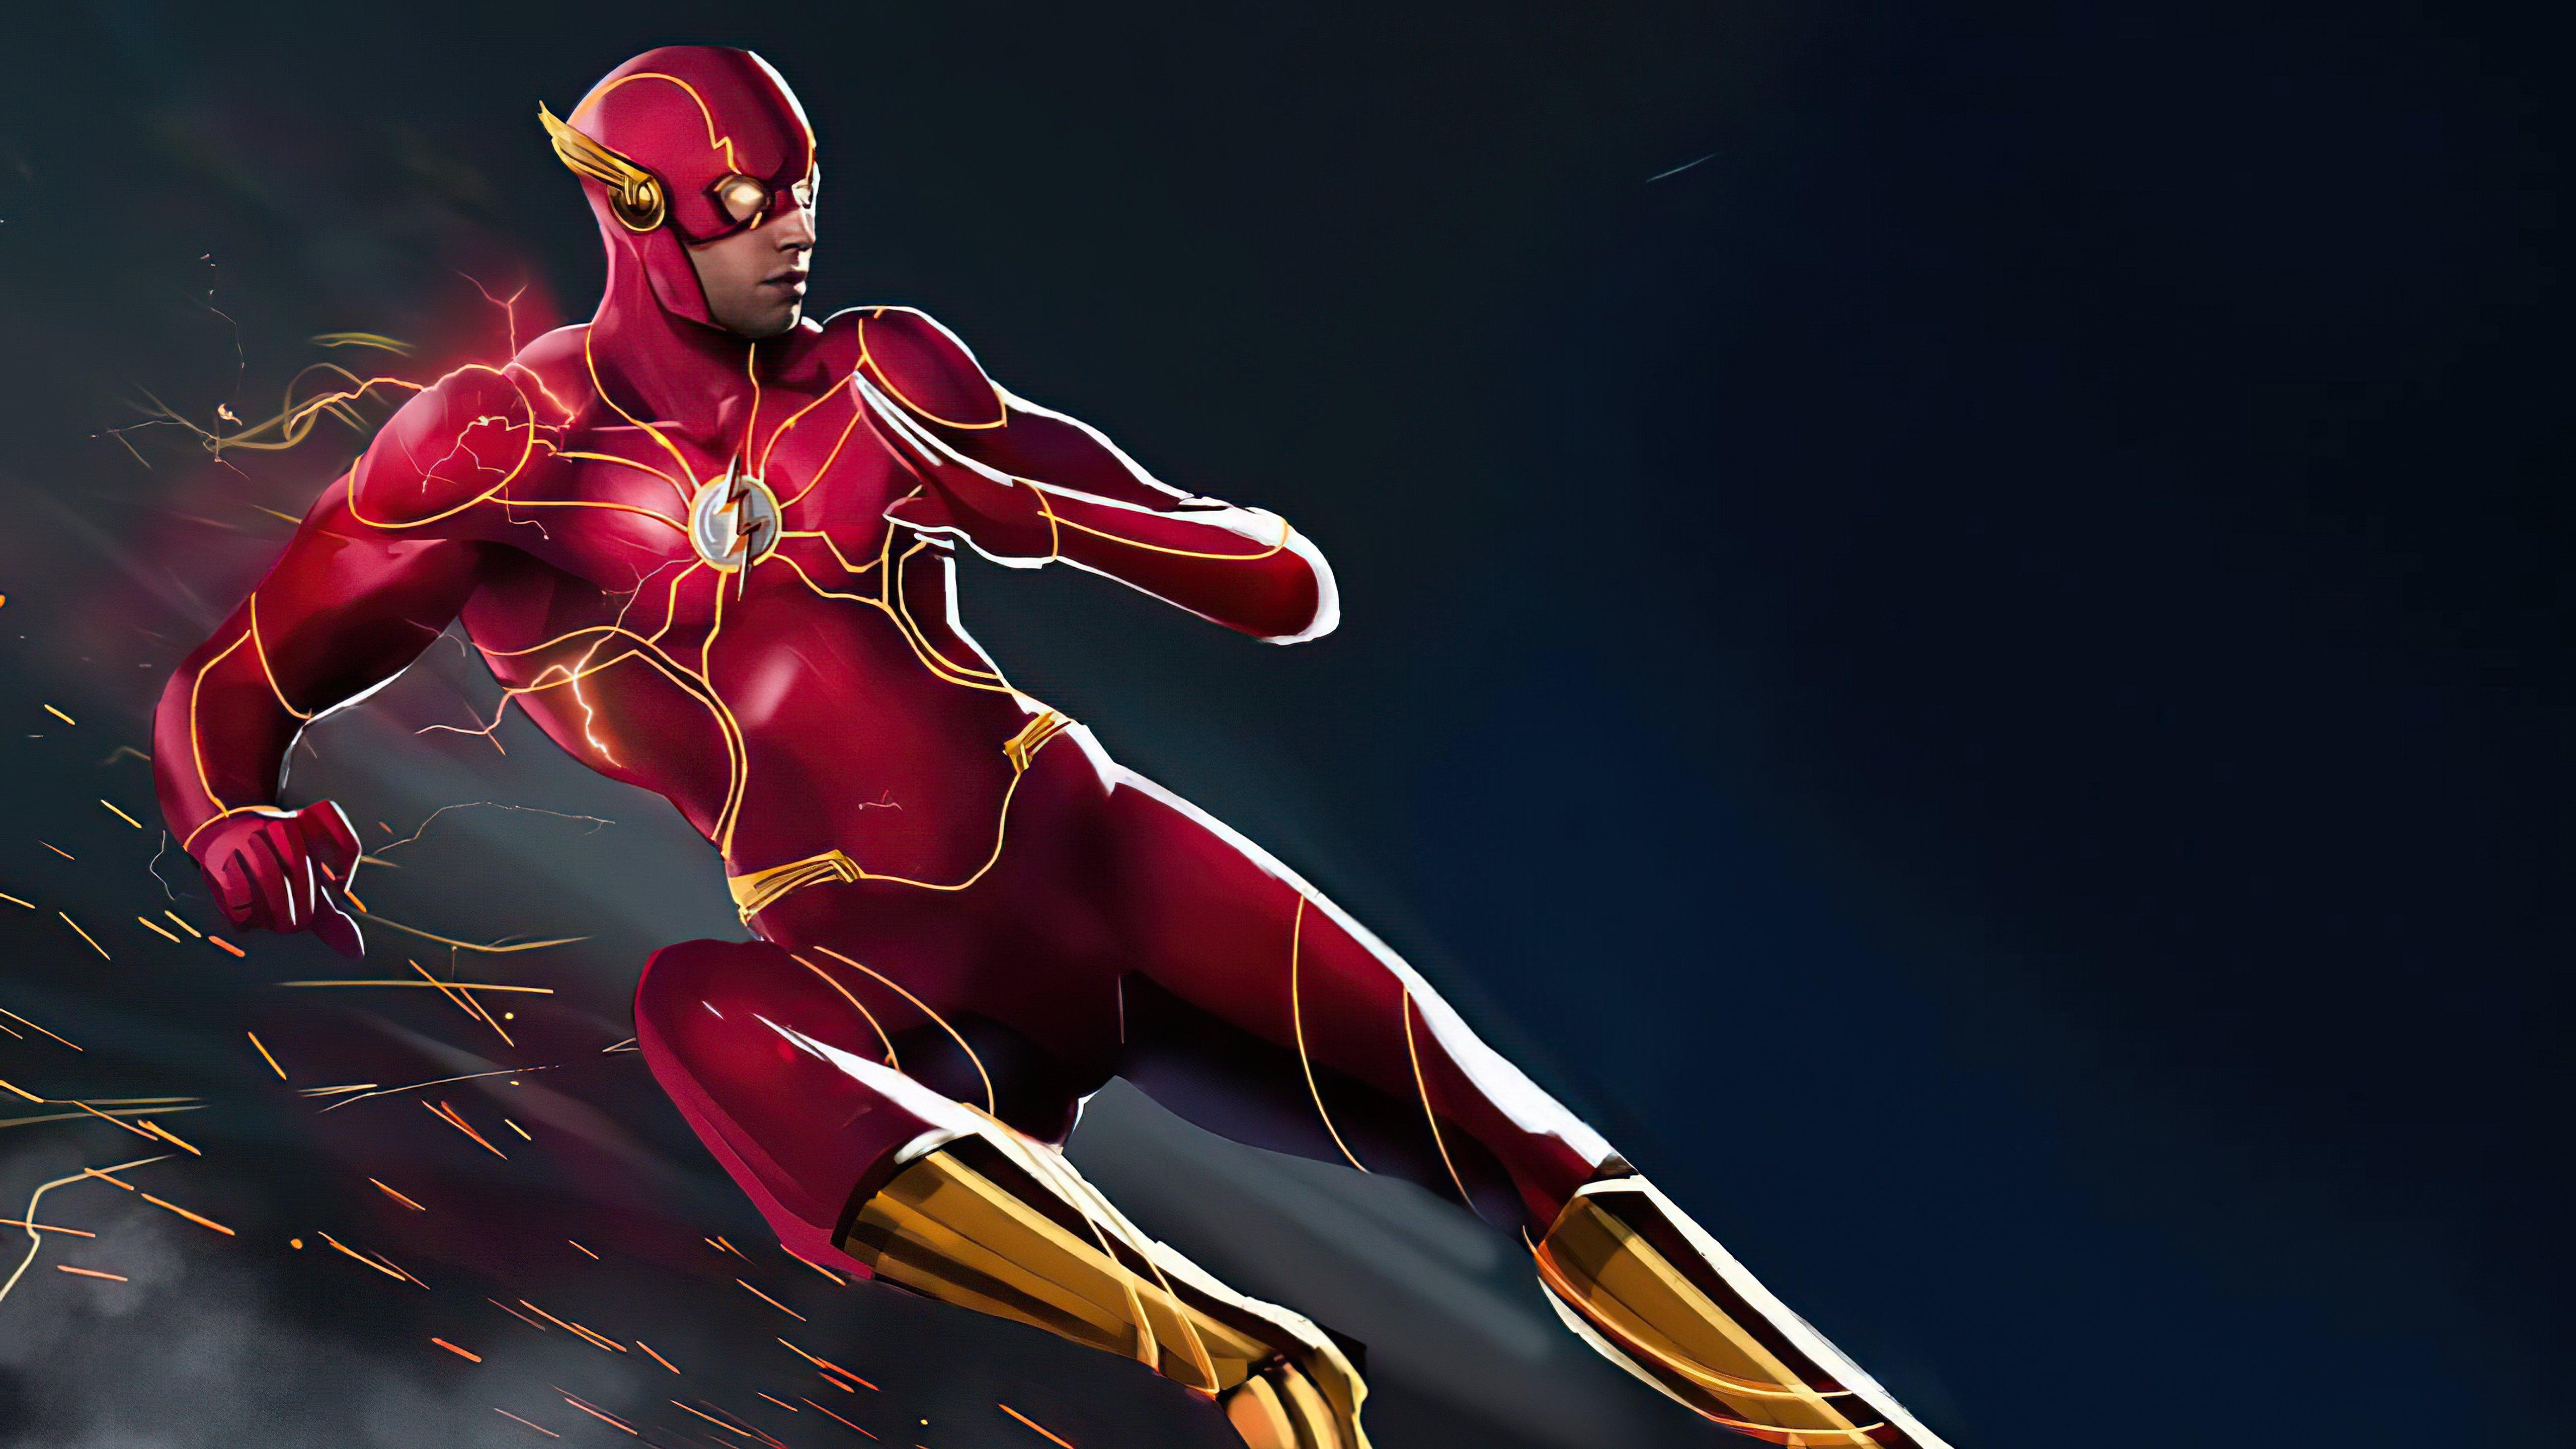 Wallpaper Super Flash